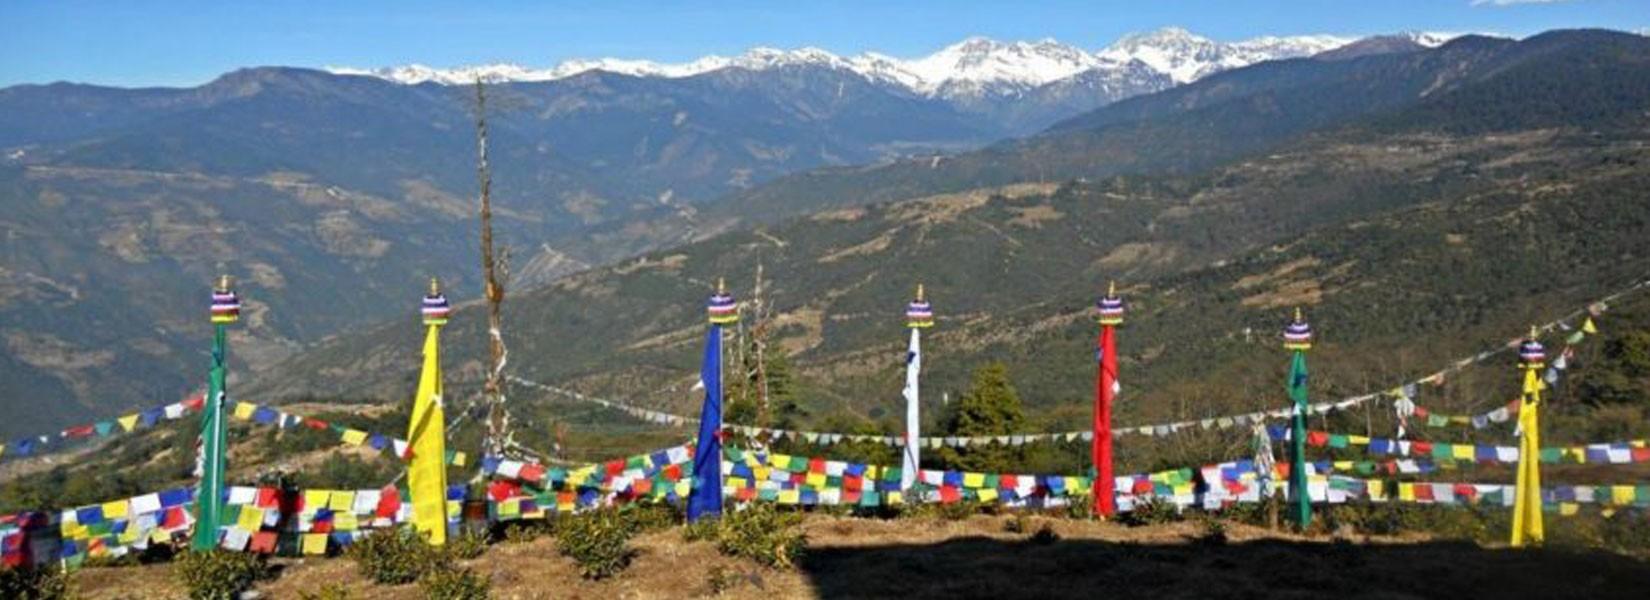 Helambhu trek